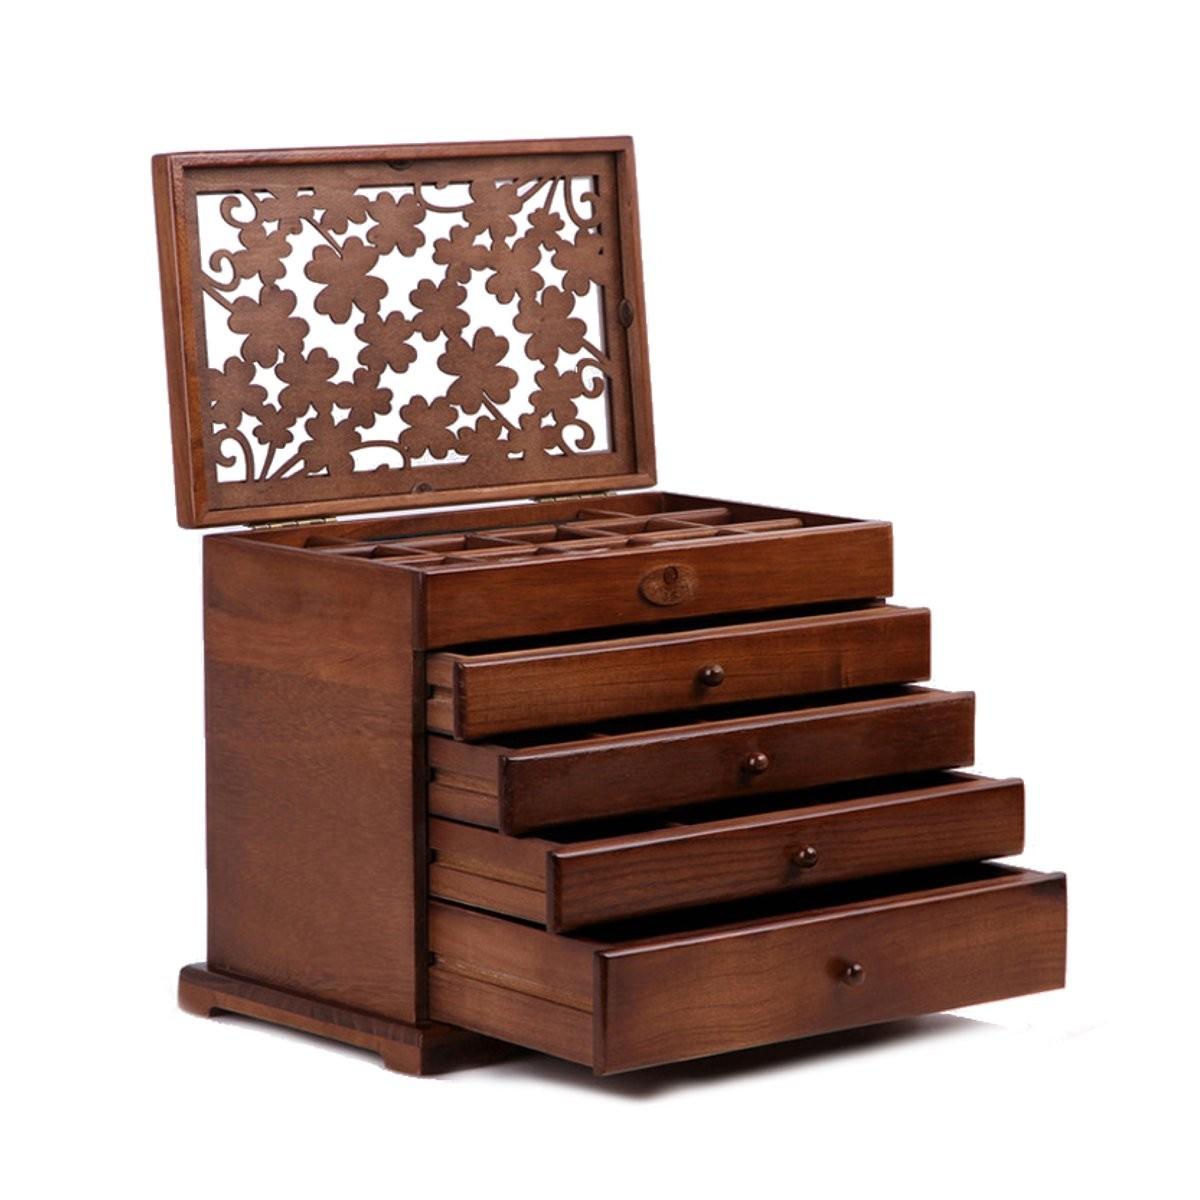 5 étage boite de rangement tiroir présentoir à montre bijoux en bois - Achat / Vente bac de ...